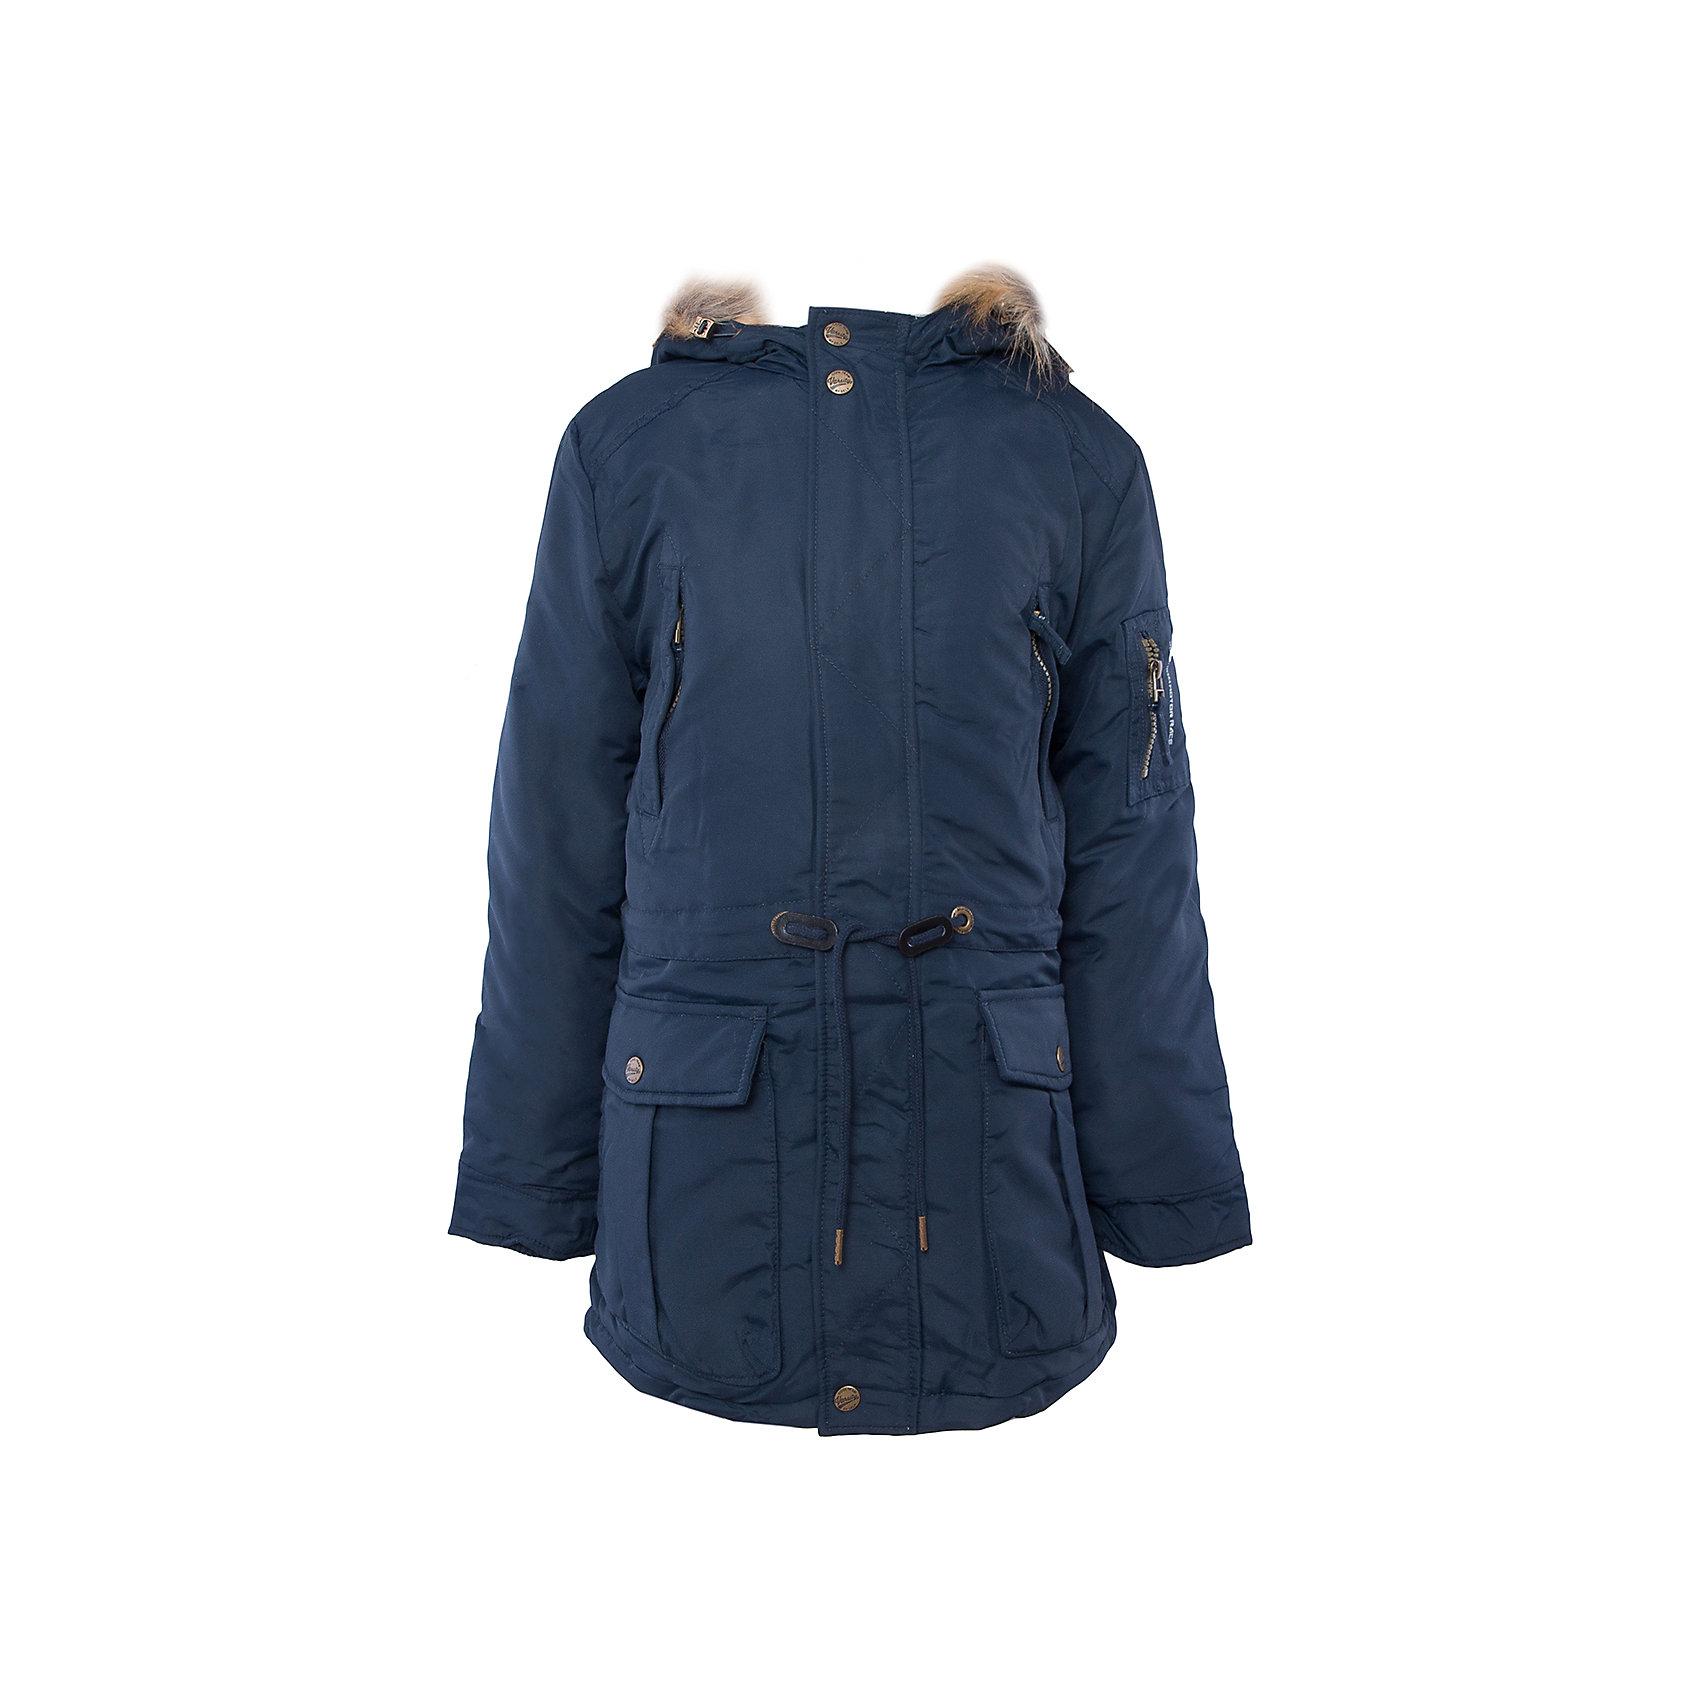 Пальто для мальчика SELAТакое стильное пальто - незаменимая вещь в прохладное время года. Эта модель отлично сидит на ребенке, она сшита из плотного материала, позволяет гулять и заниматься активным отдыхом на свежем воздухе. Подкладка и утеплитель обеспечивают ребенку комфорт. Модель дополнена капюшоном, планкой от ветра, кулиской на талии, внутренними трикотажными манжетами и карманами.<br>Одежда от бренда Sela (Села) - это качество по приемлемым ценам. Многие российские родители уже оценили преимущества продукции этой компании и всё чаще приобретают одежду и аксессуары Sela.<br><br>Дополнительная информация:<br><br>материал: 100% нейлон; подкладка:100% ПЭ; утеплитель:100% ПЭ; мех:100% ПЭ;<br>капюшон с опушкой;<br>карманы;<br>кулиска на талии.<br><br>Пальто для мальчика от бренда Sela можно купить в нашем интернет-магазине.<br><br>Ширина мм: 356<br>Глубина мм: 10<br>Высота мм: 245<br>Вес г: 519<br>Цвет: синий<br>Возраст от месяцев: 132<br>Возраст до месяцев: 144<br>Пол: Мужской<br>Возраст: Детский<br>Размер: 152,116,128,140<br>SKU: 5007994